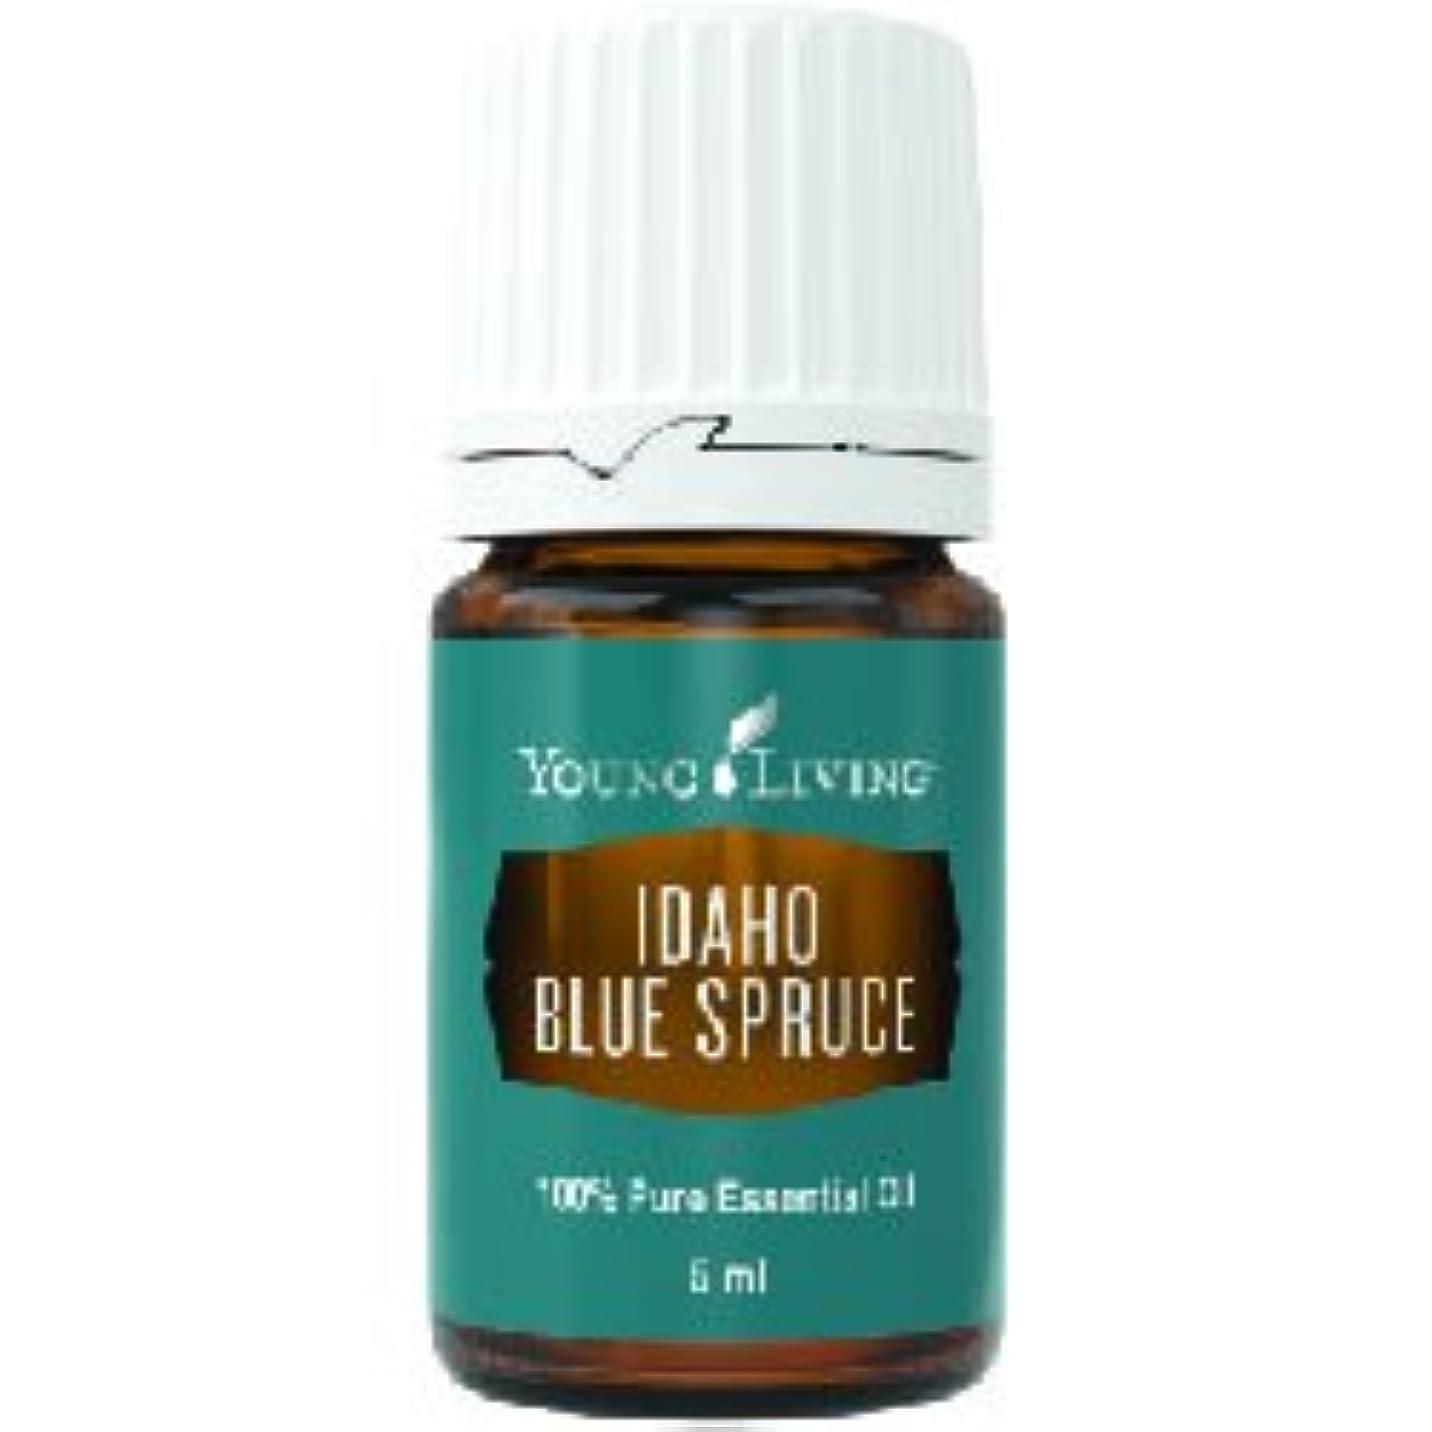 心配フォーマルショッキングアイダホブルースプルースエッセンシャルオイル5ml by Young Livingエッセンシャルオイルマレーシア Idaho Blue Spruce Essential Oil 5ml by Young Living Essential...